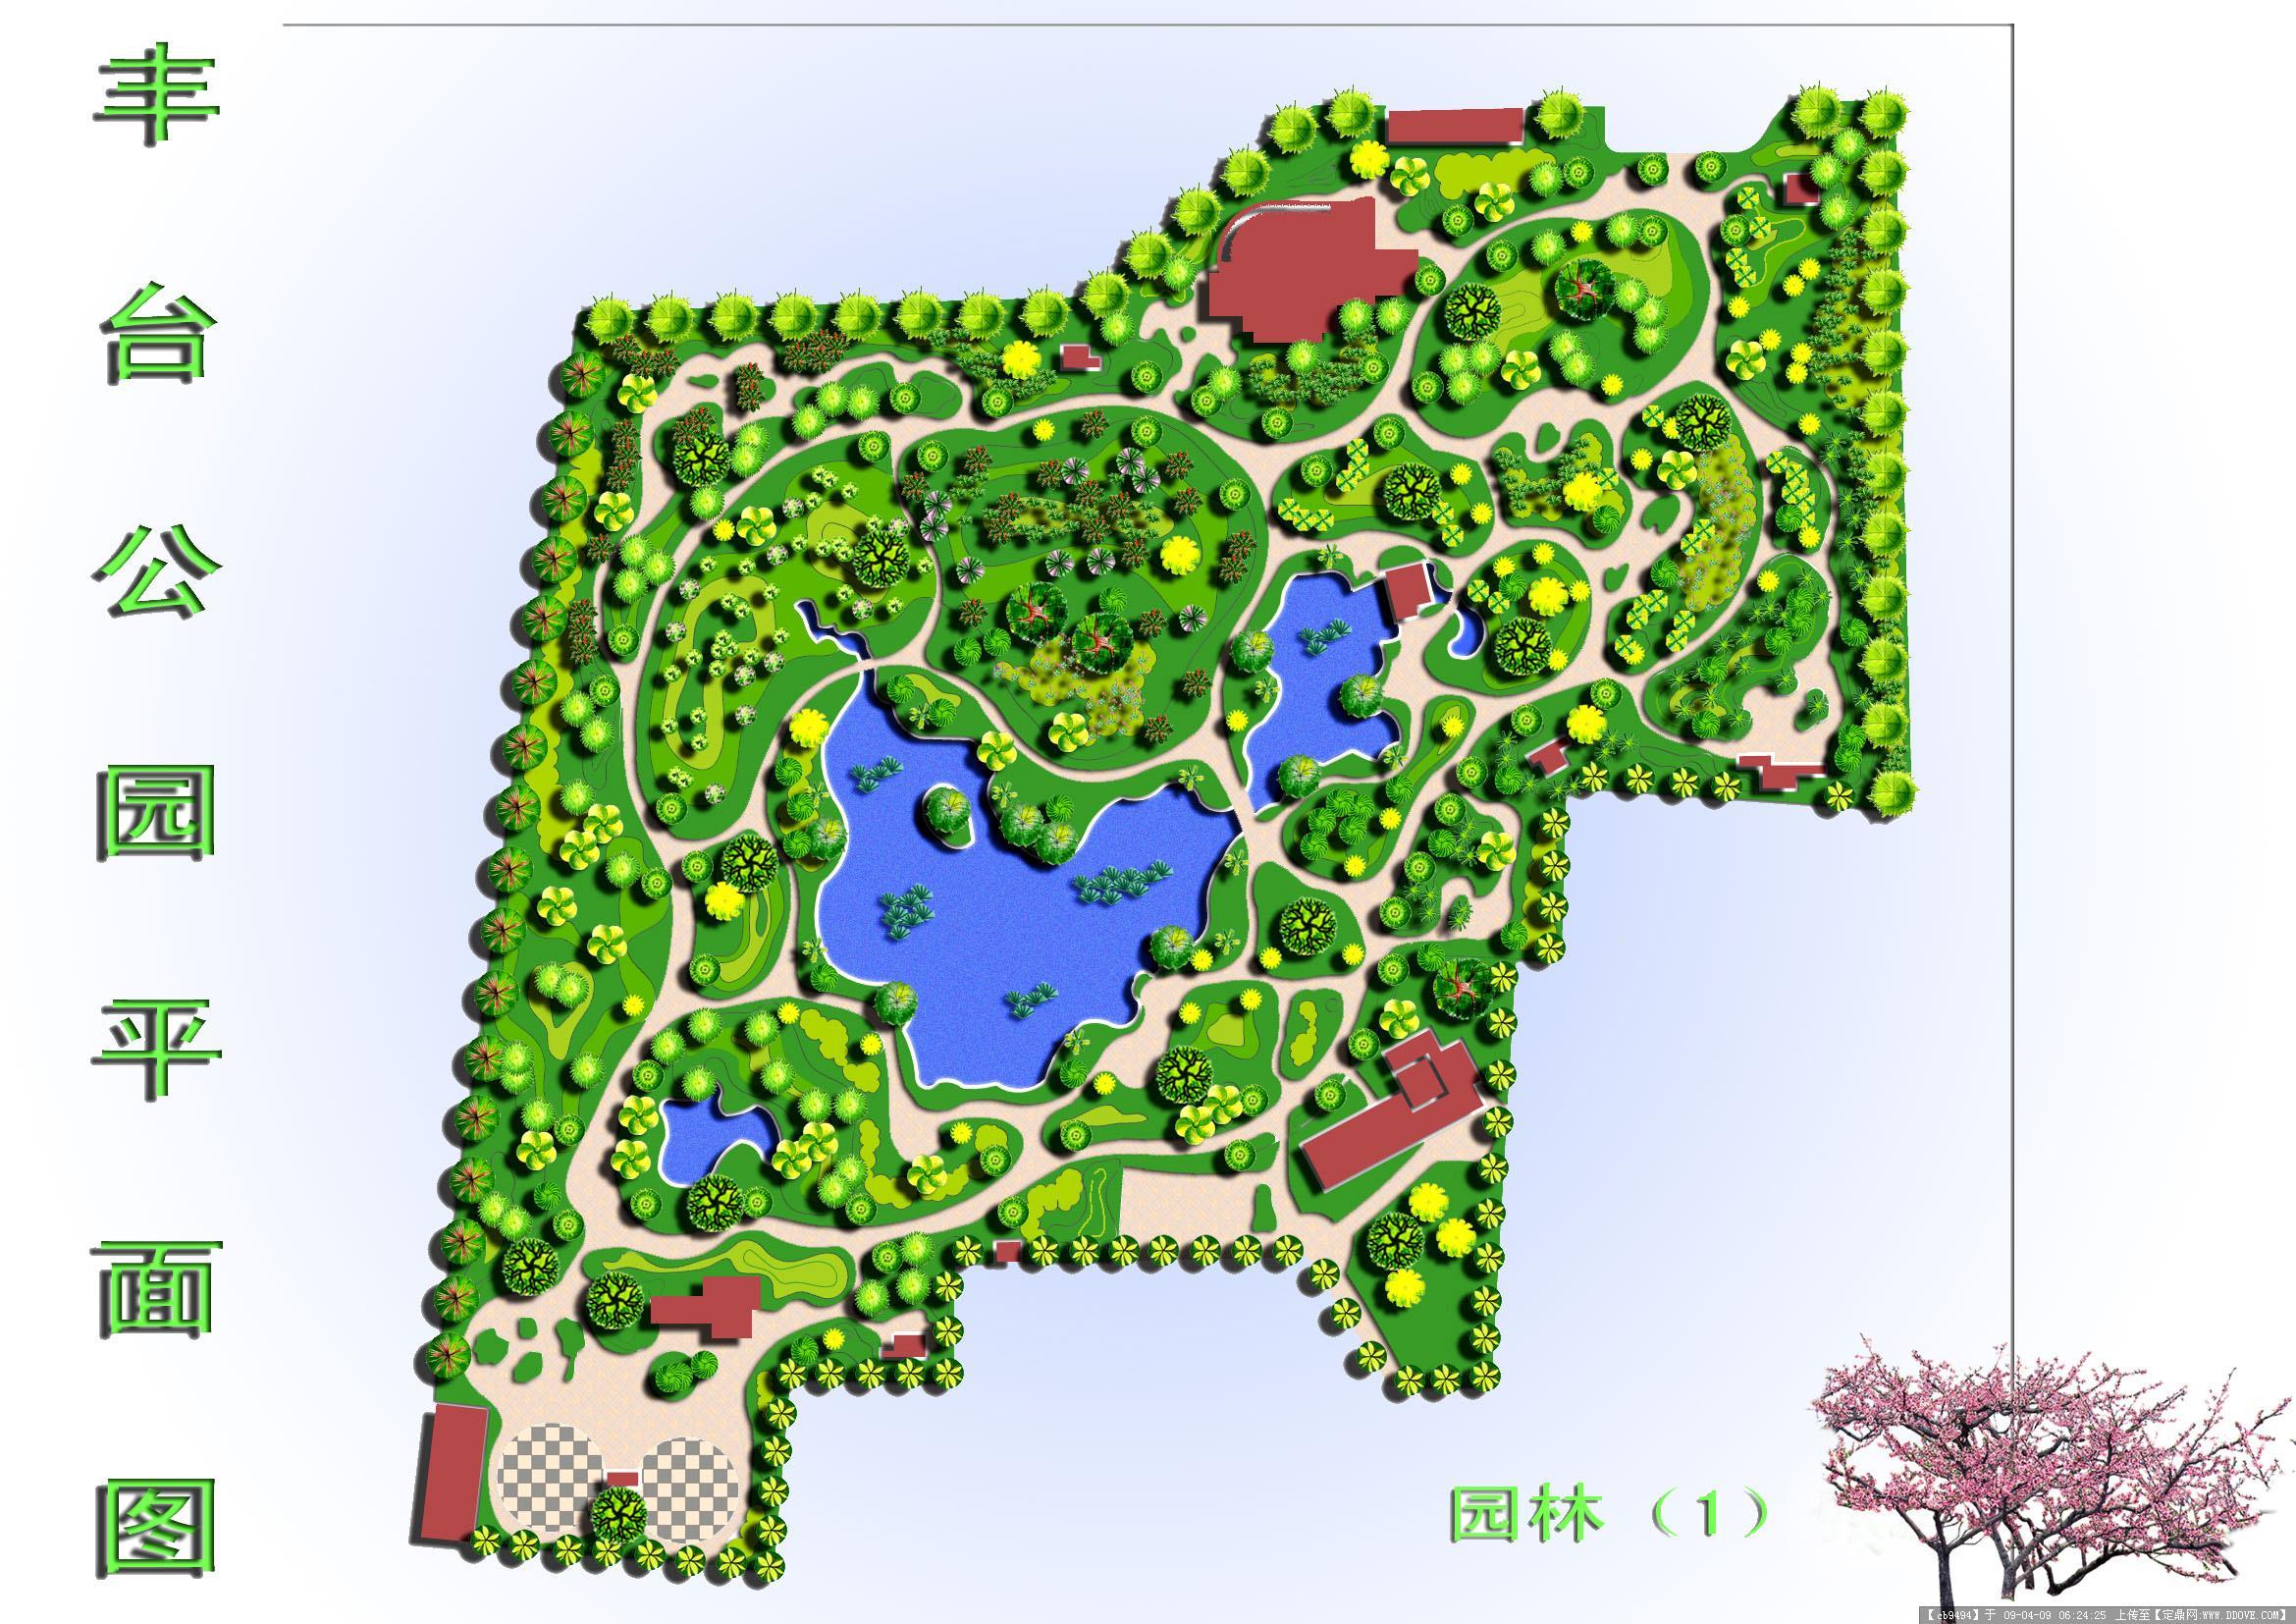 丰台公园总平面图的图片浏览,园林效 果图,公园景观,.